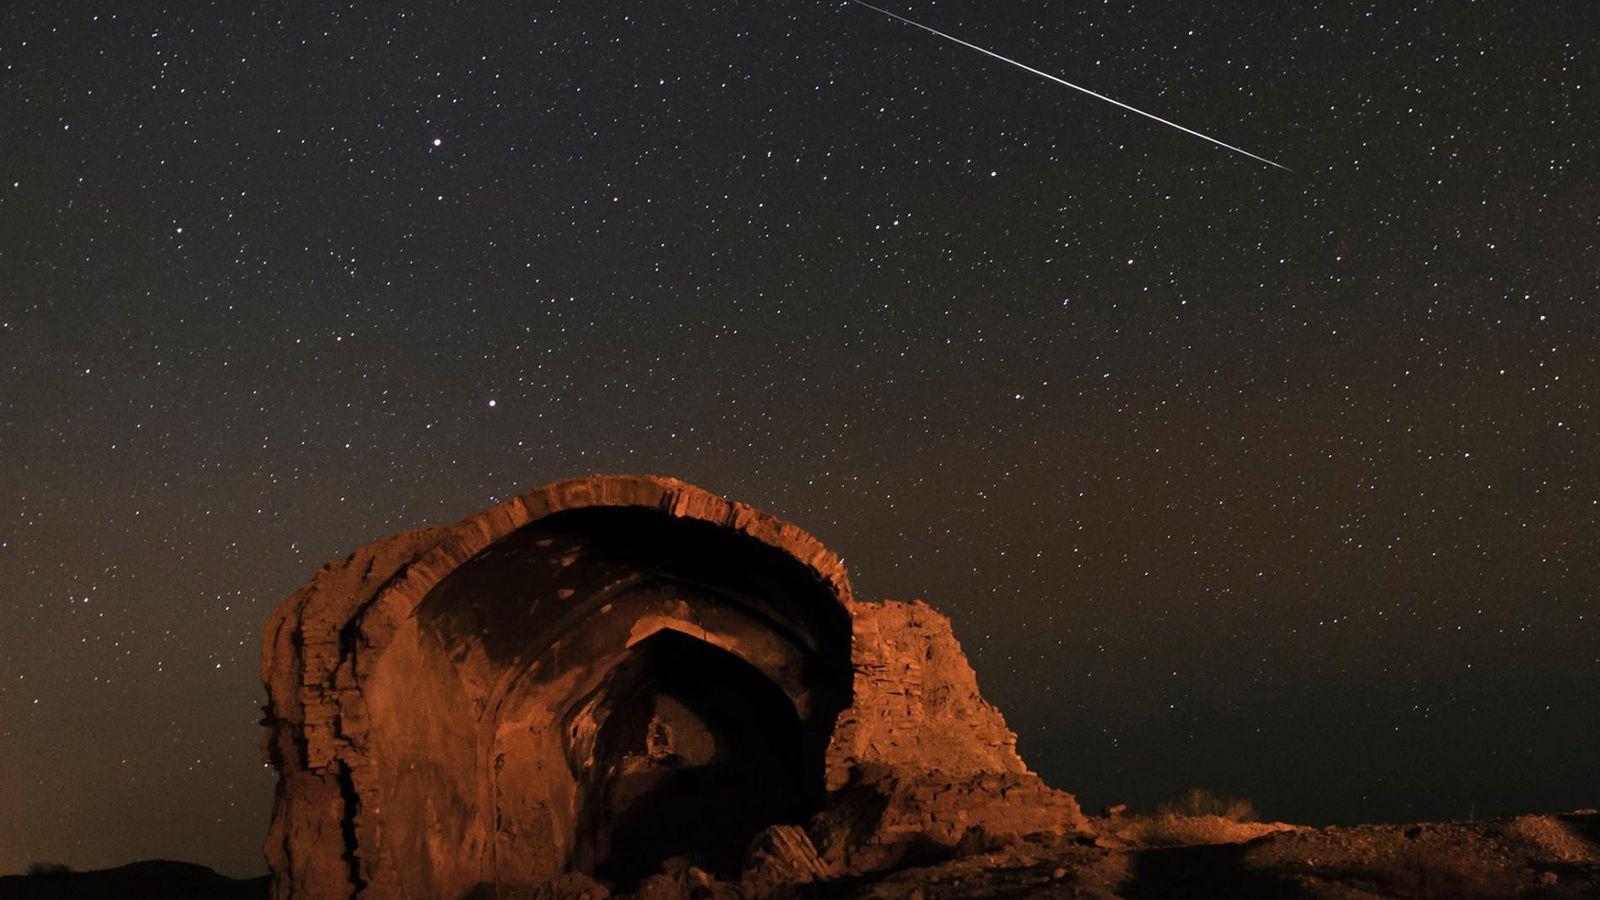 Une météorite traverse le ciel lors de la pluie annuelle de météorites de Quadrantid, photographié ...